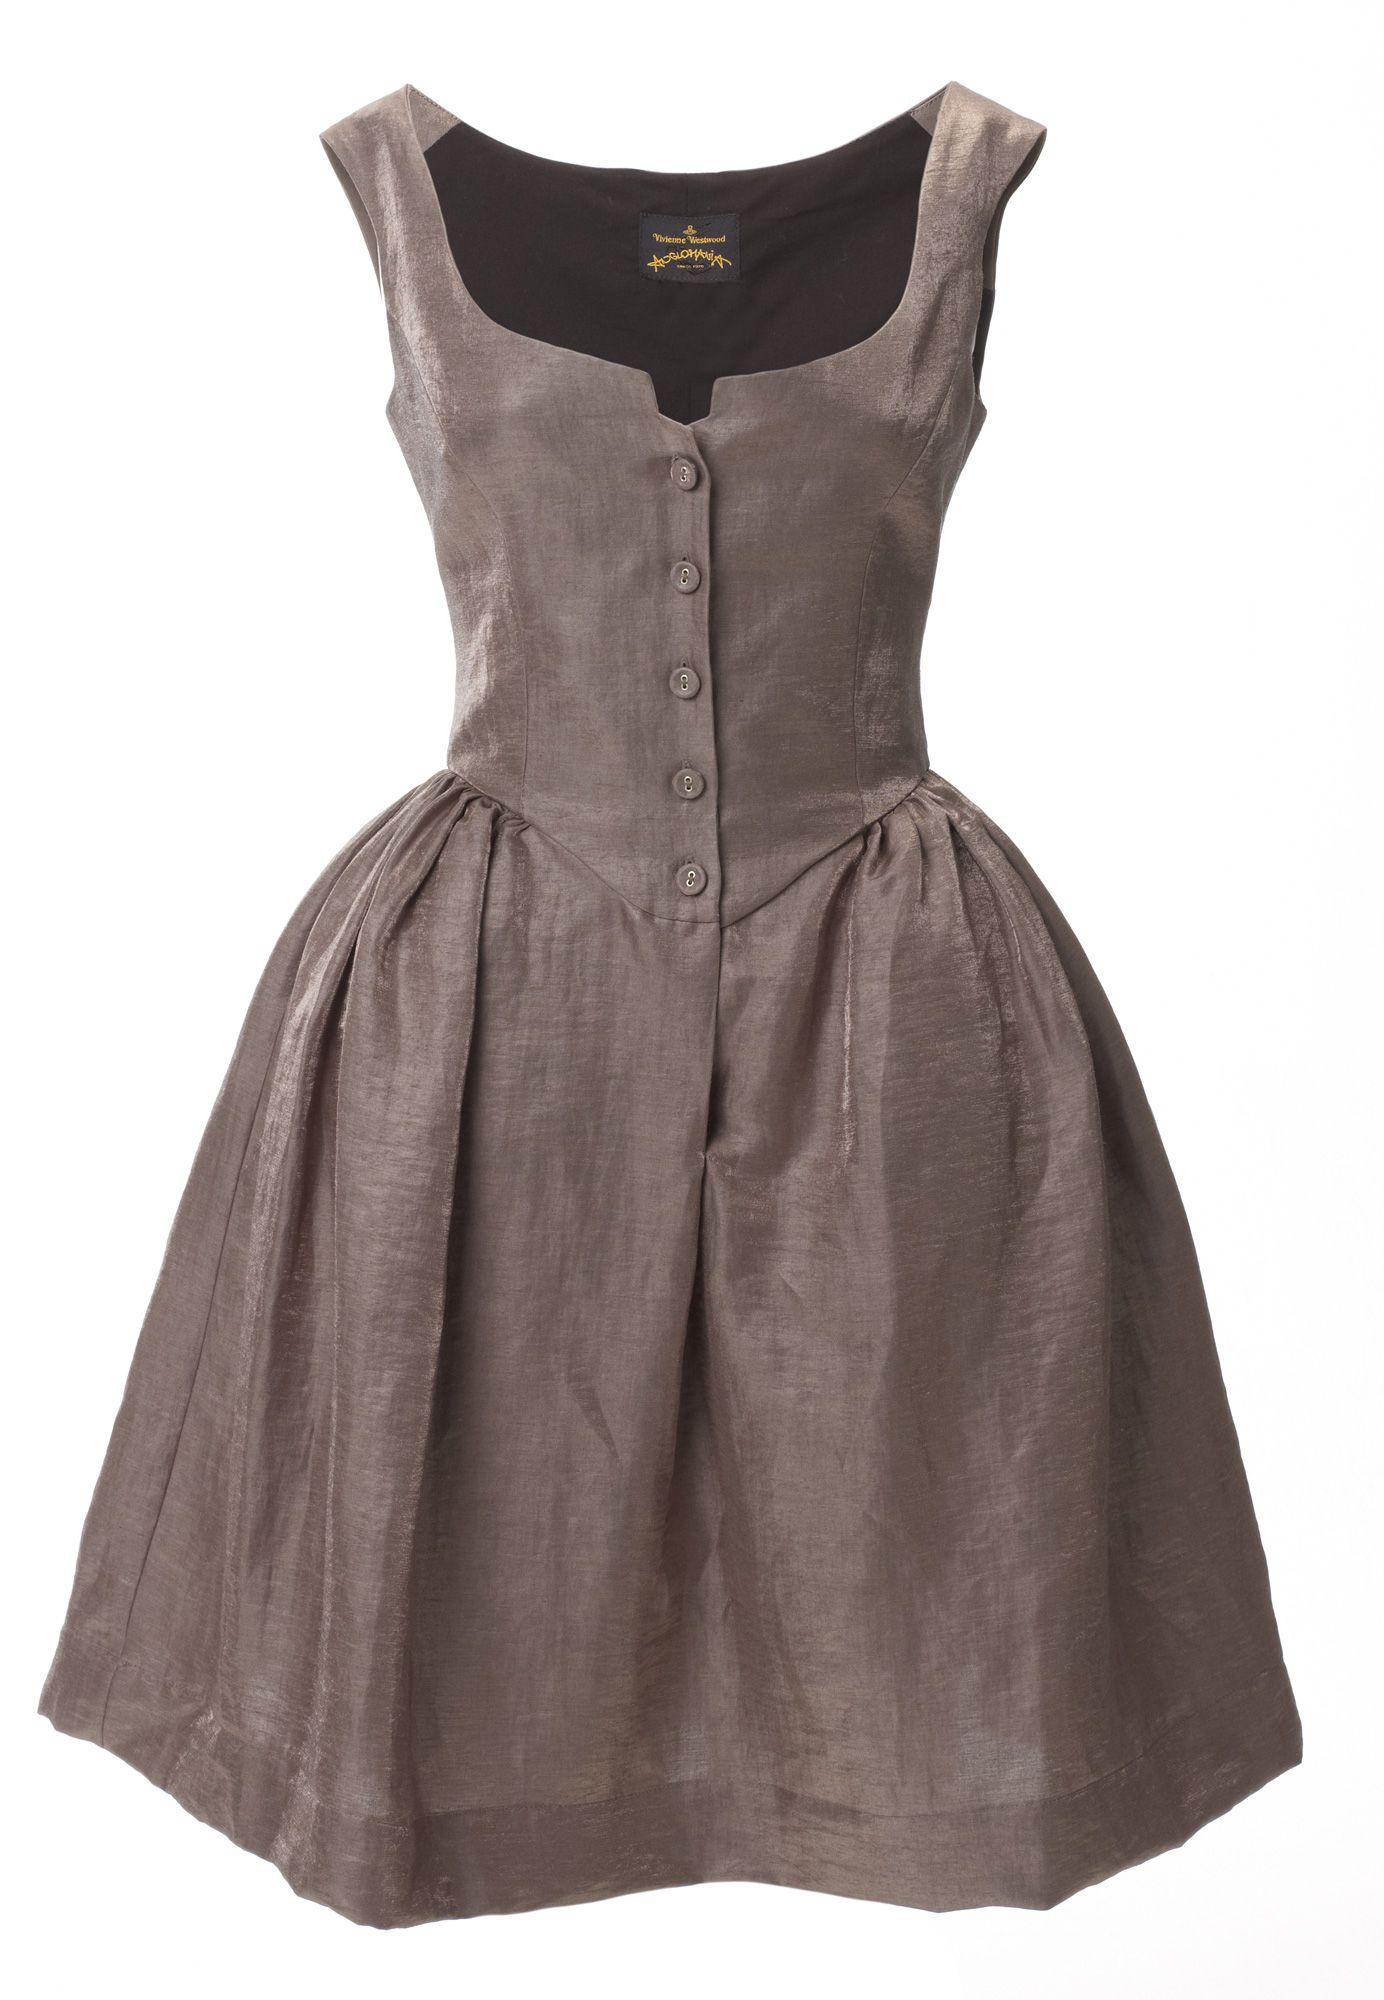 5c1f085ff941f1 Vivienne Westwood Pannier Dress | Fashion in 2019 | Kleidung ...